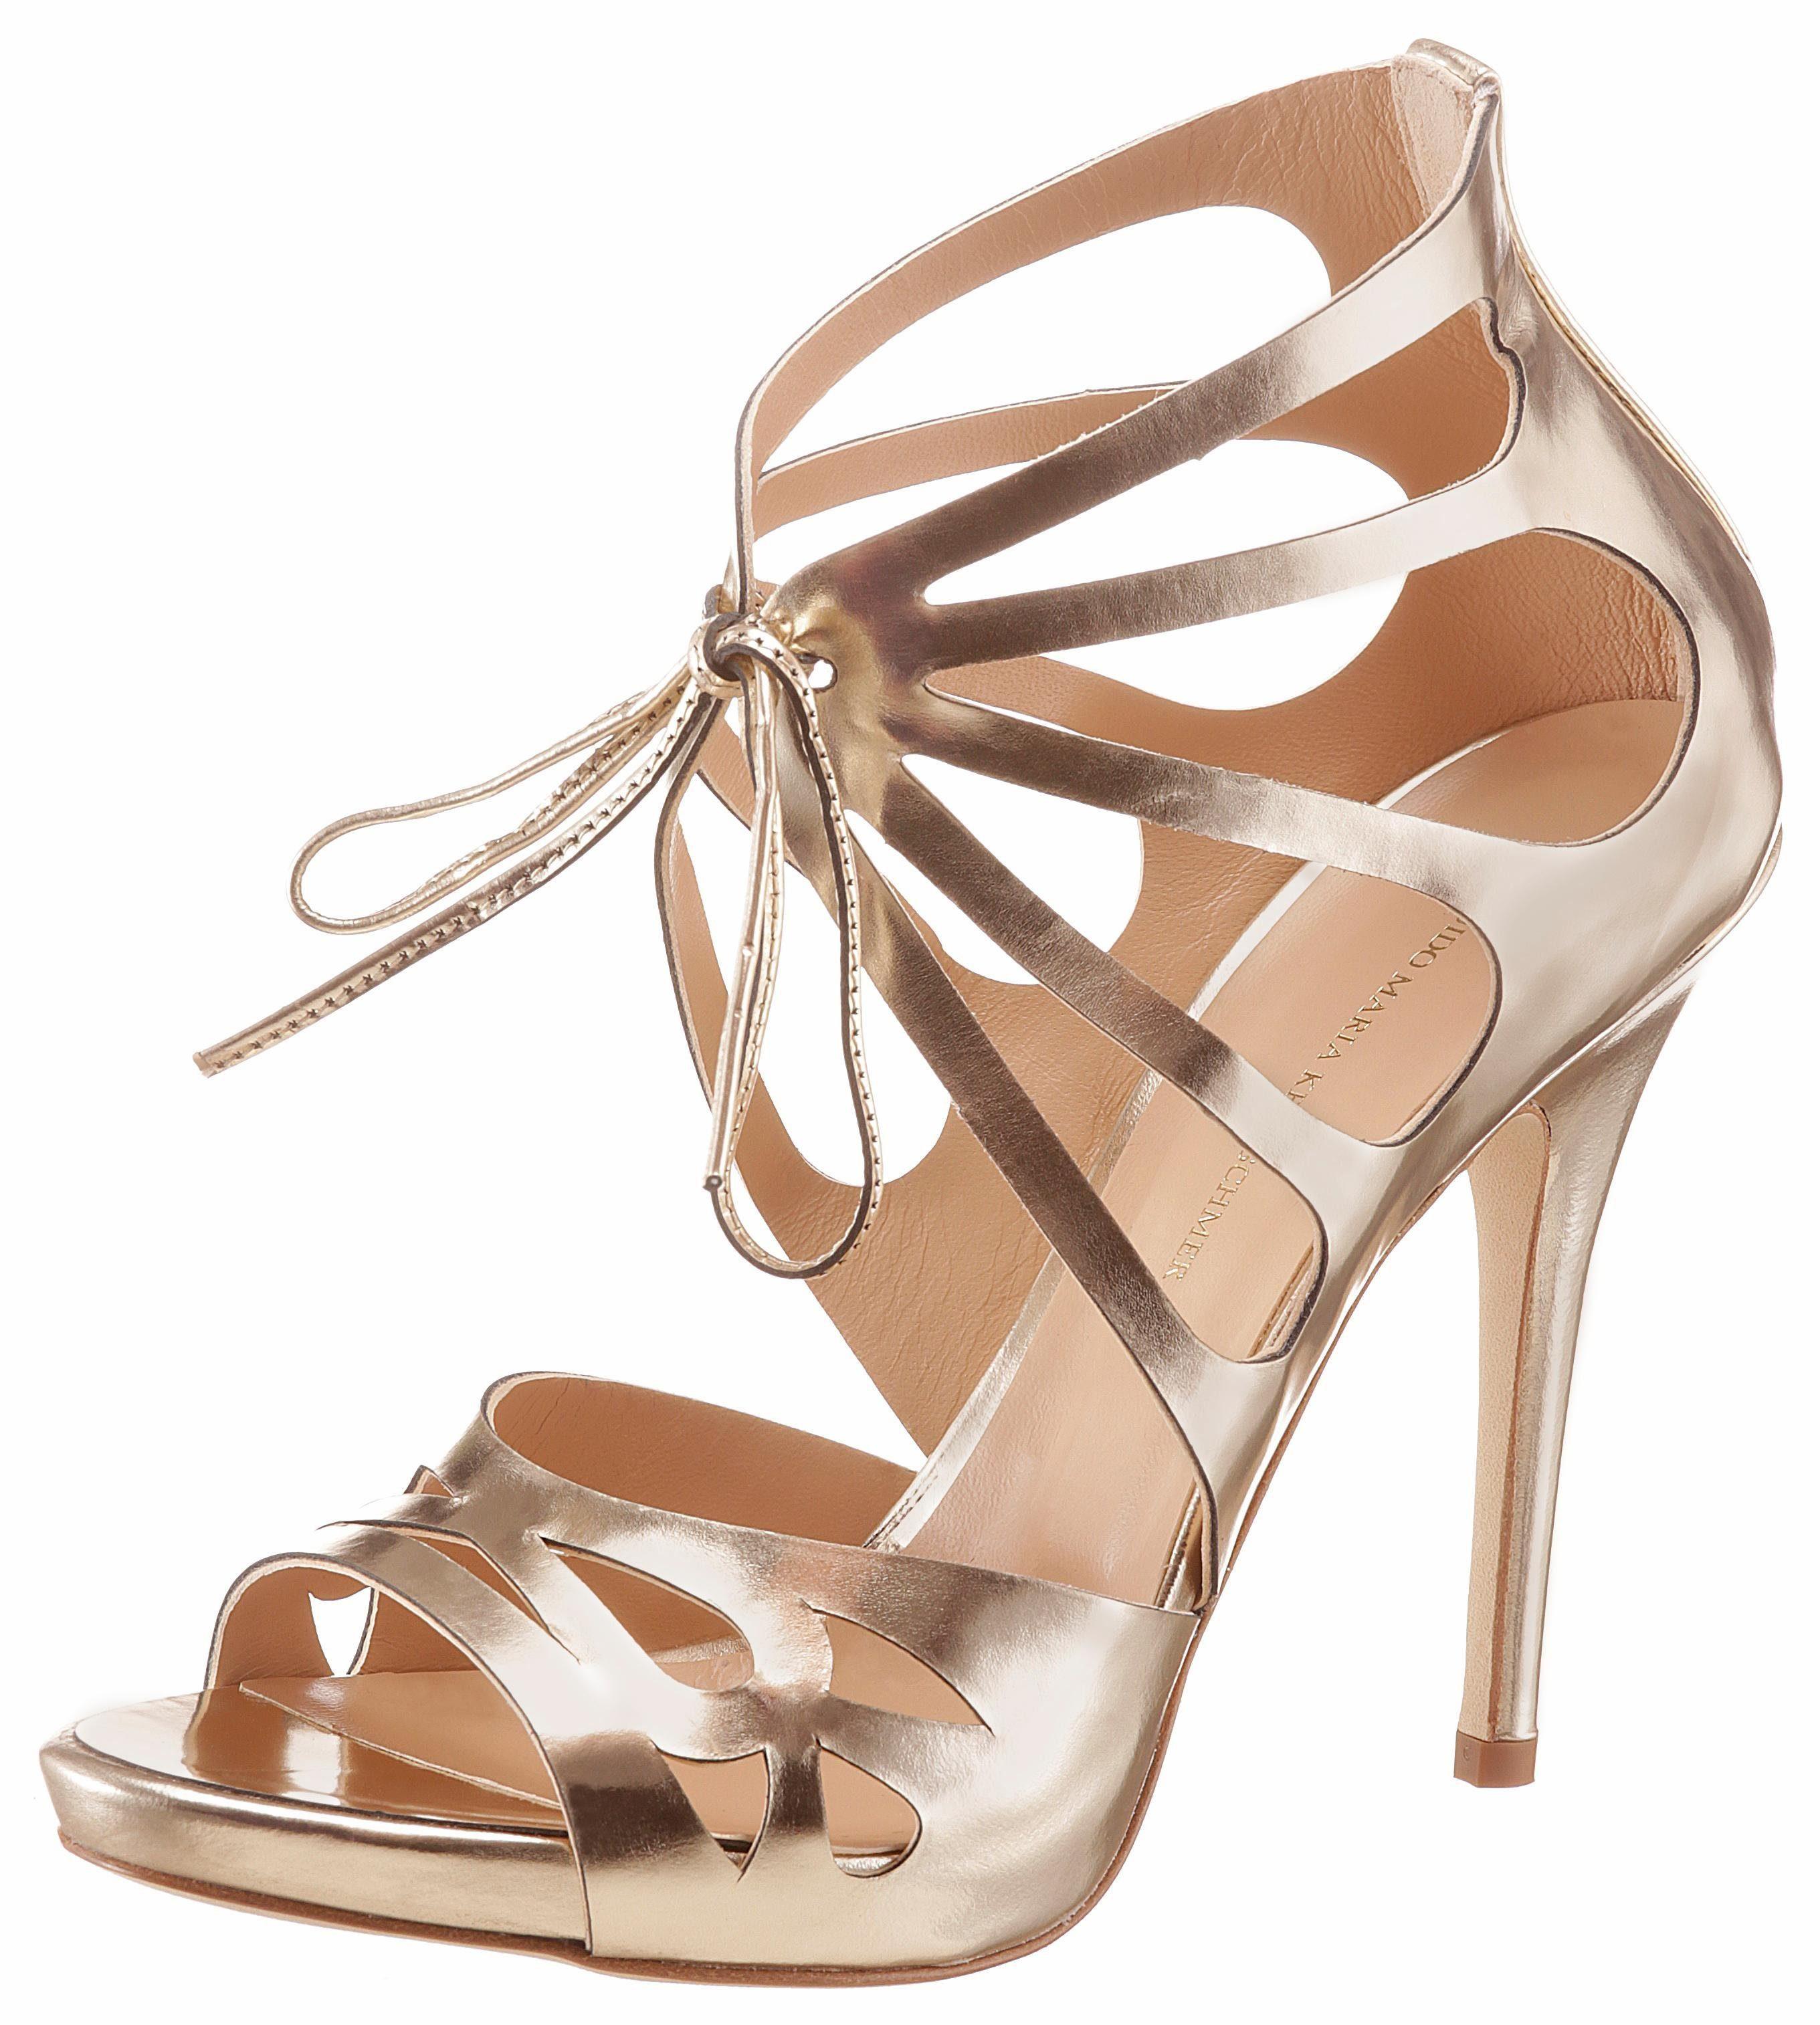 GUIDO MARIA KRETSCHMER High-Heel-Sandalette, mit modischer Schnürung online kaufen  goldfarben